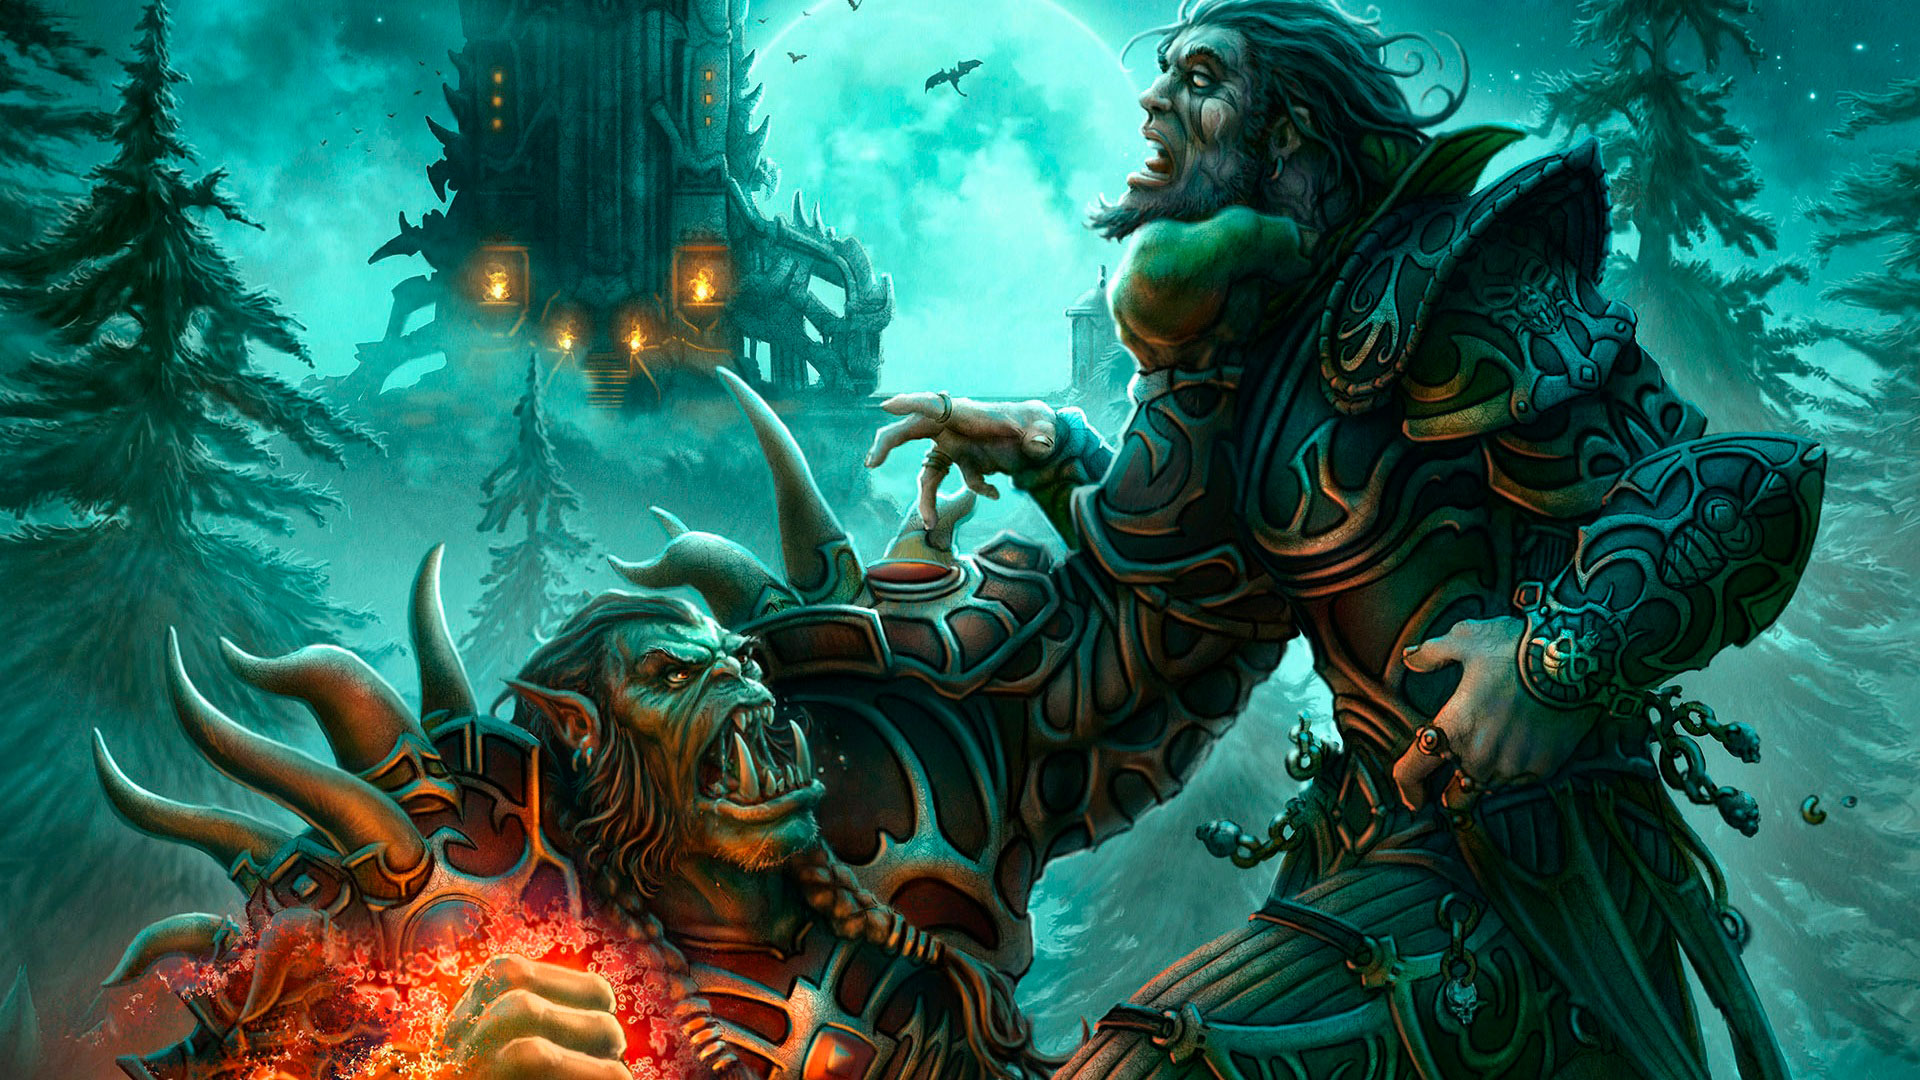 World of Warcraft красивые и крутые обои для рабочего стола 17